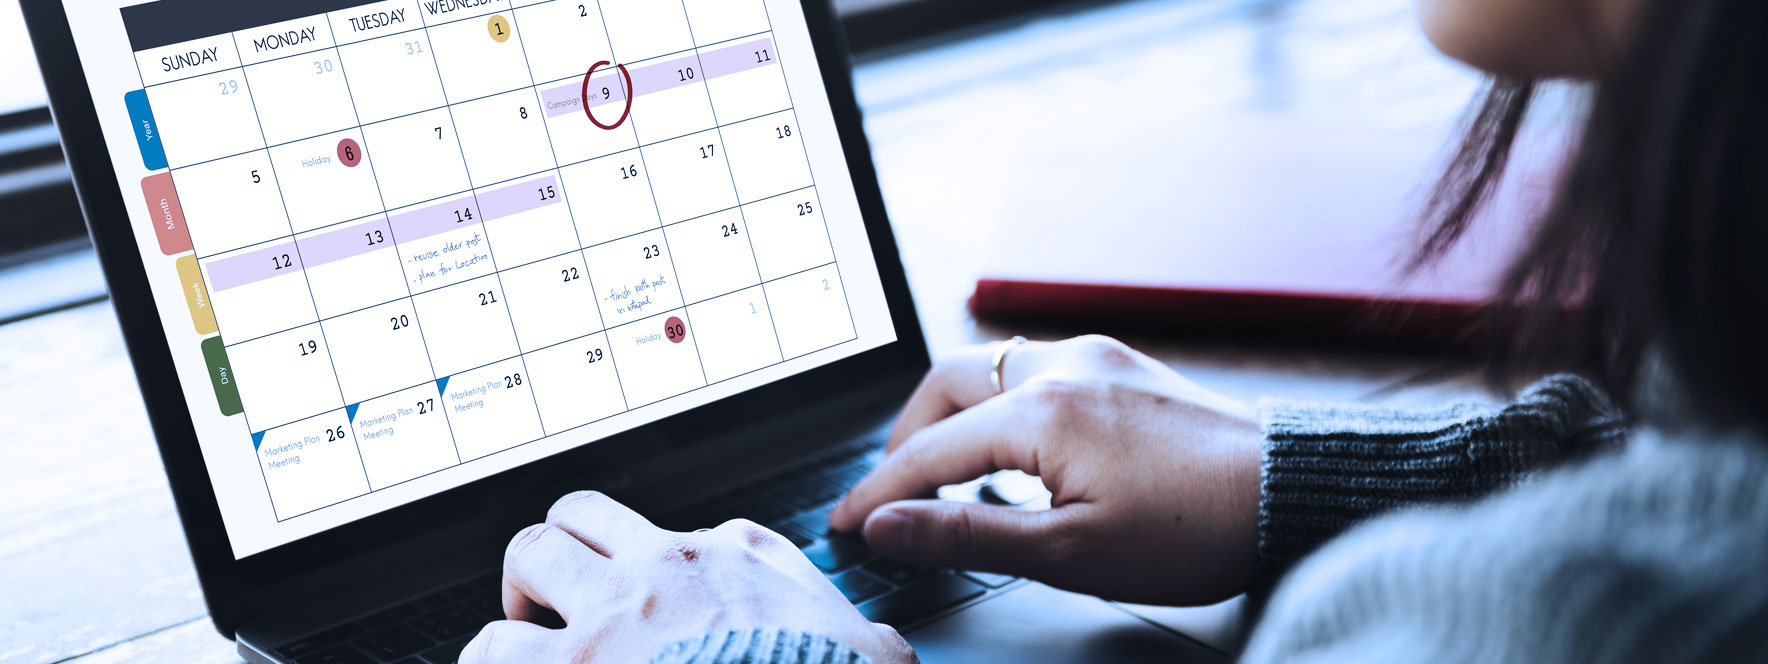 Prise de rendez-vous en ligne - Blogue du Réseau